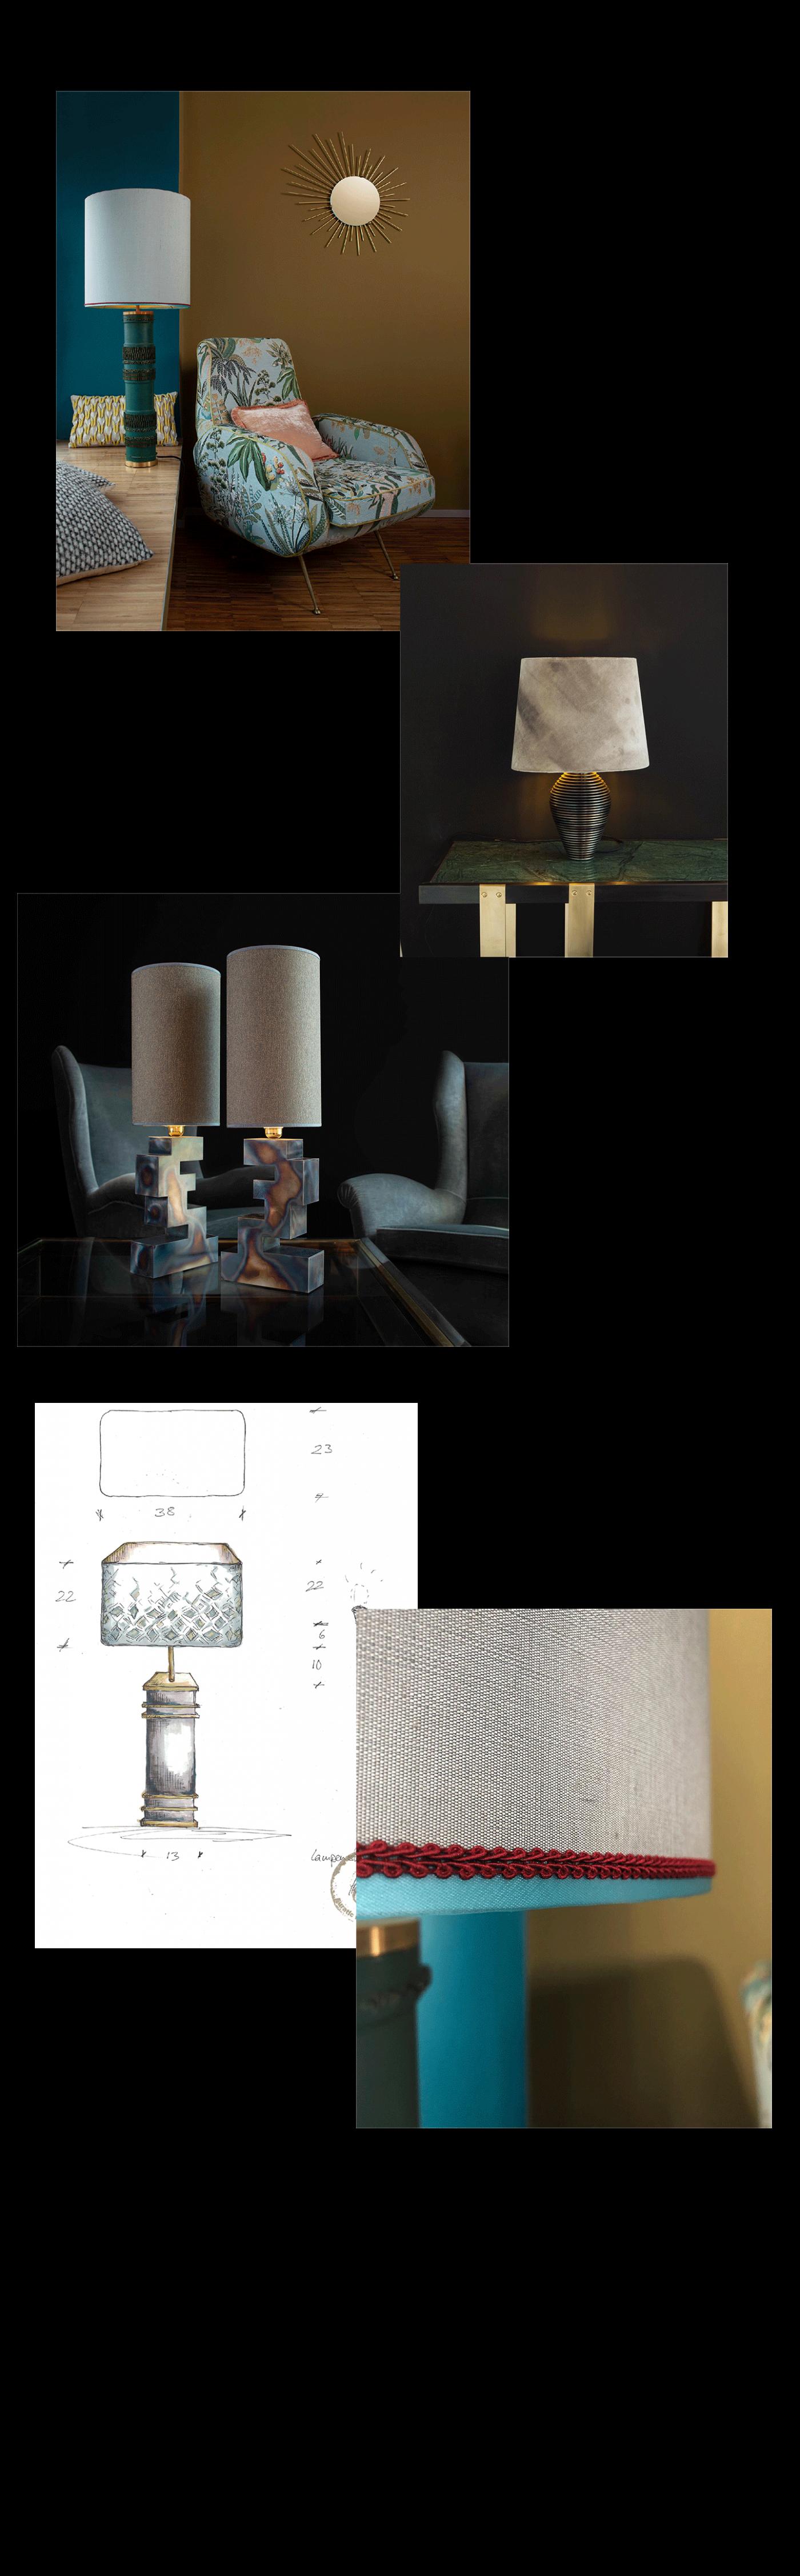 Galerie-Lampshade-Design-2